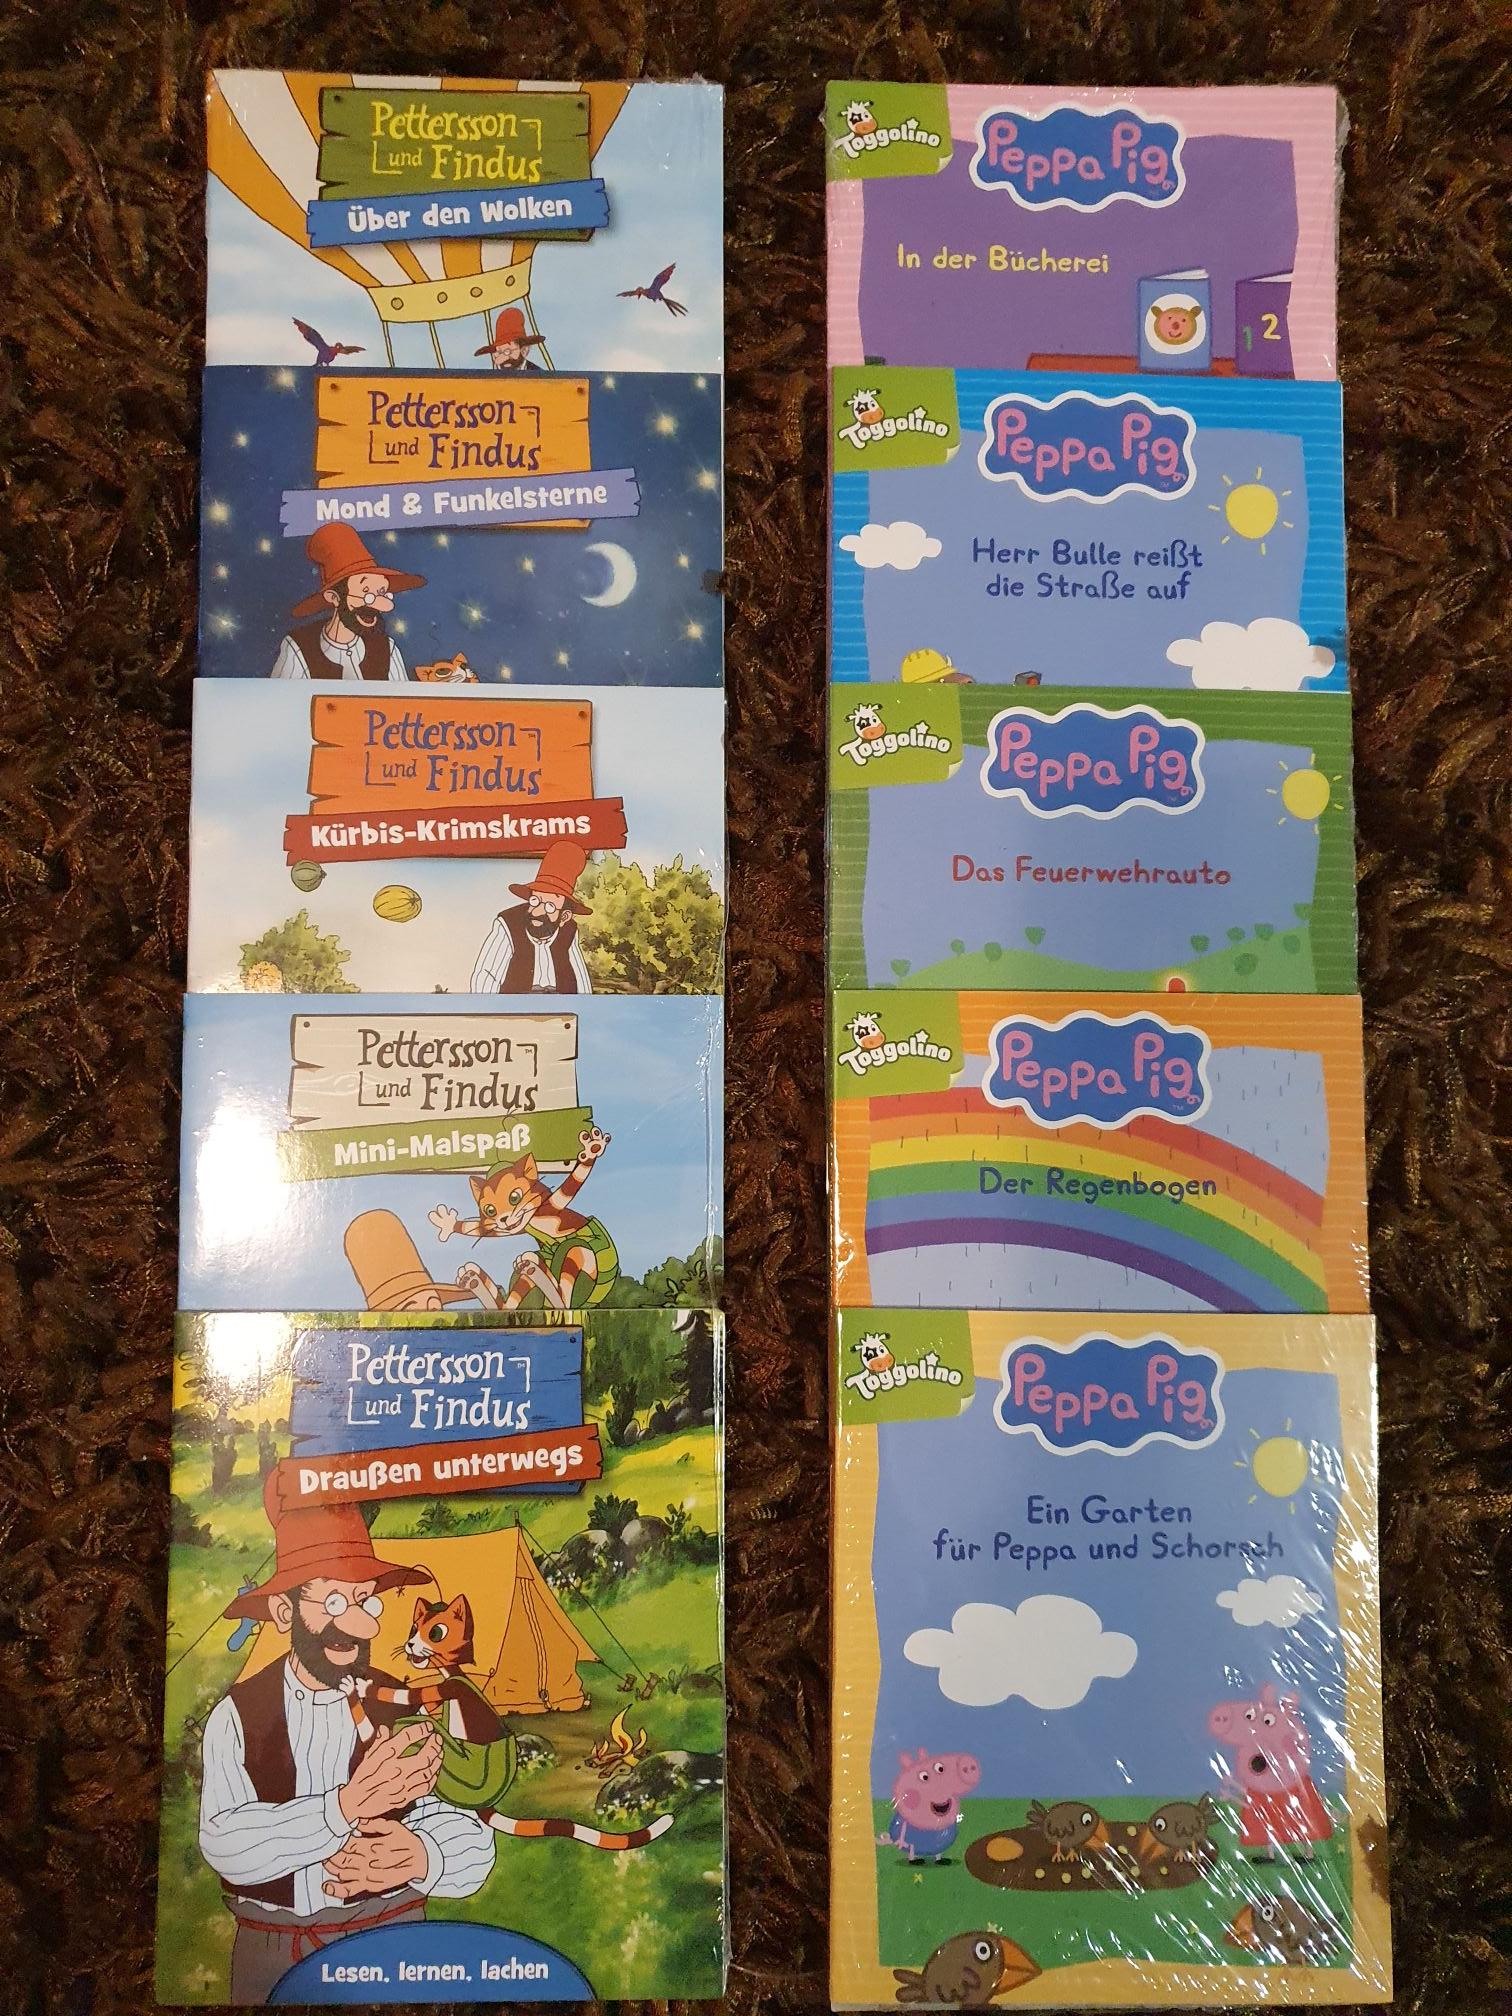 (Offline) Aldi Süd 5 Minibücher für 2,99€ (Peppa Wutz, Bibi&Tina, Eiskönigin, PawPatrol, Pettersson und Findus etc.)